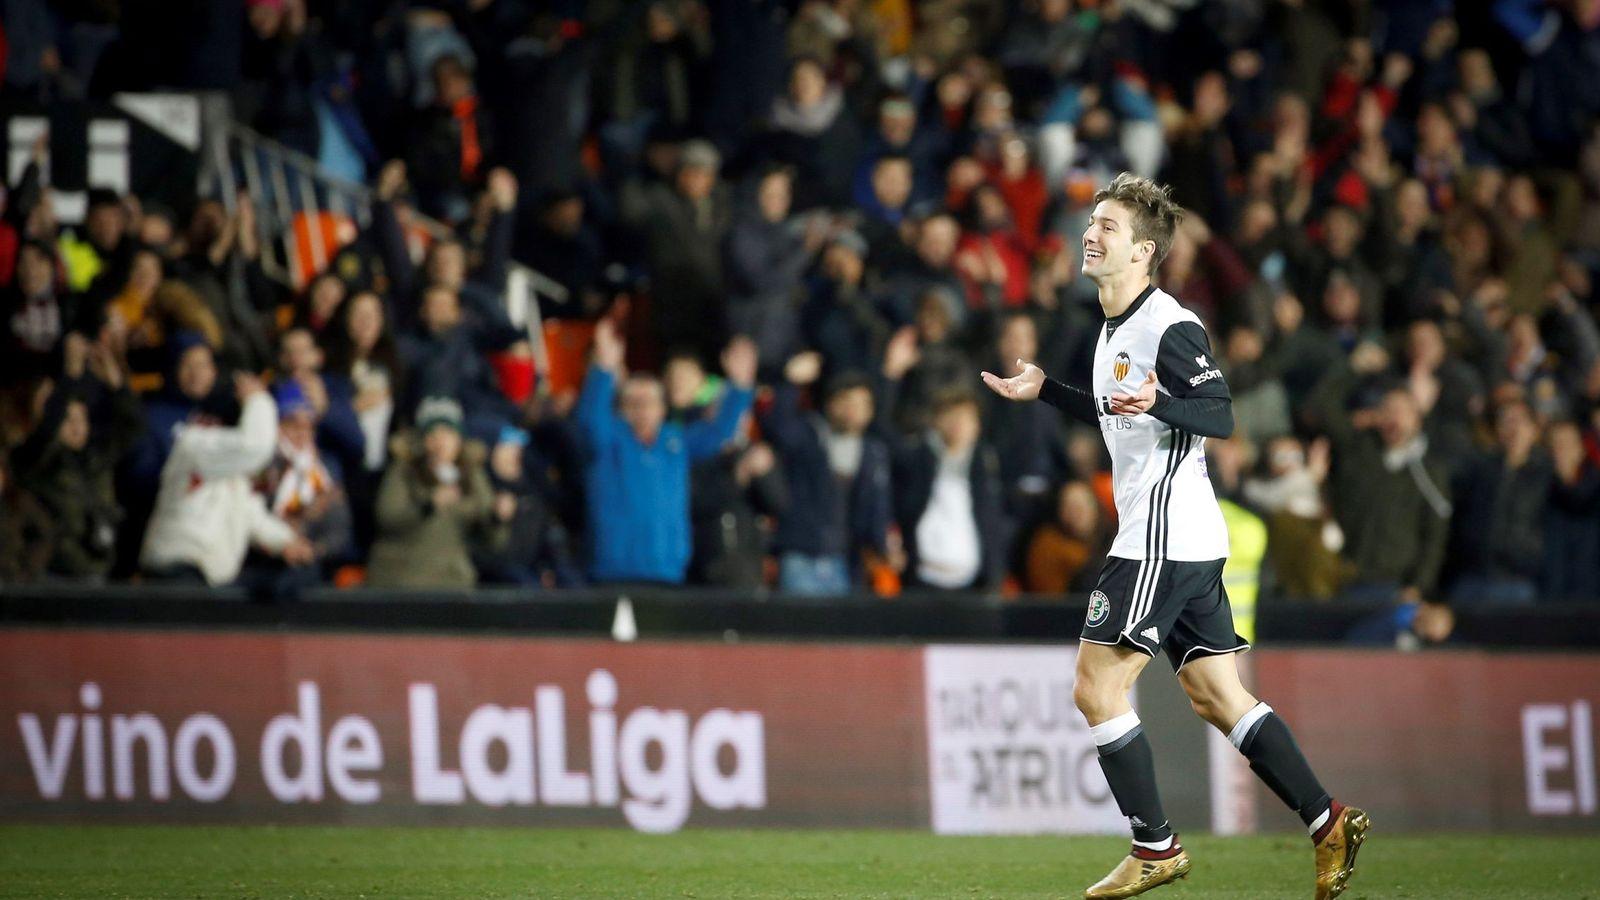 Foto: Vietto celebra uno de los goles marcados a Las Palmas. (Cordon Press)